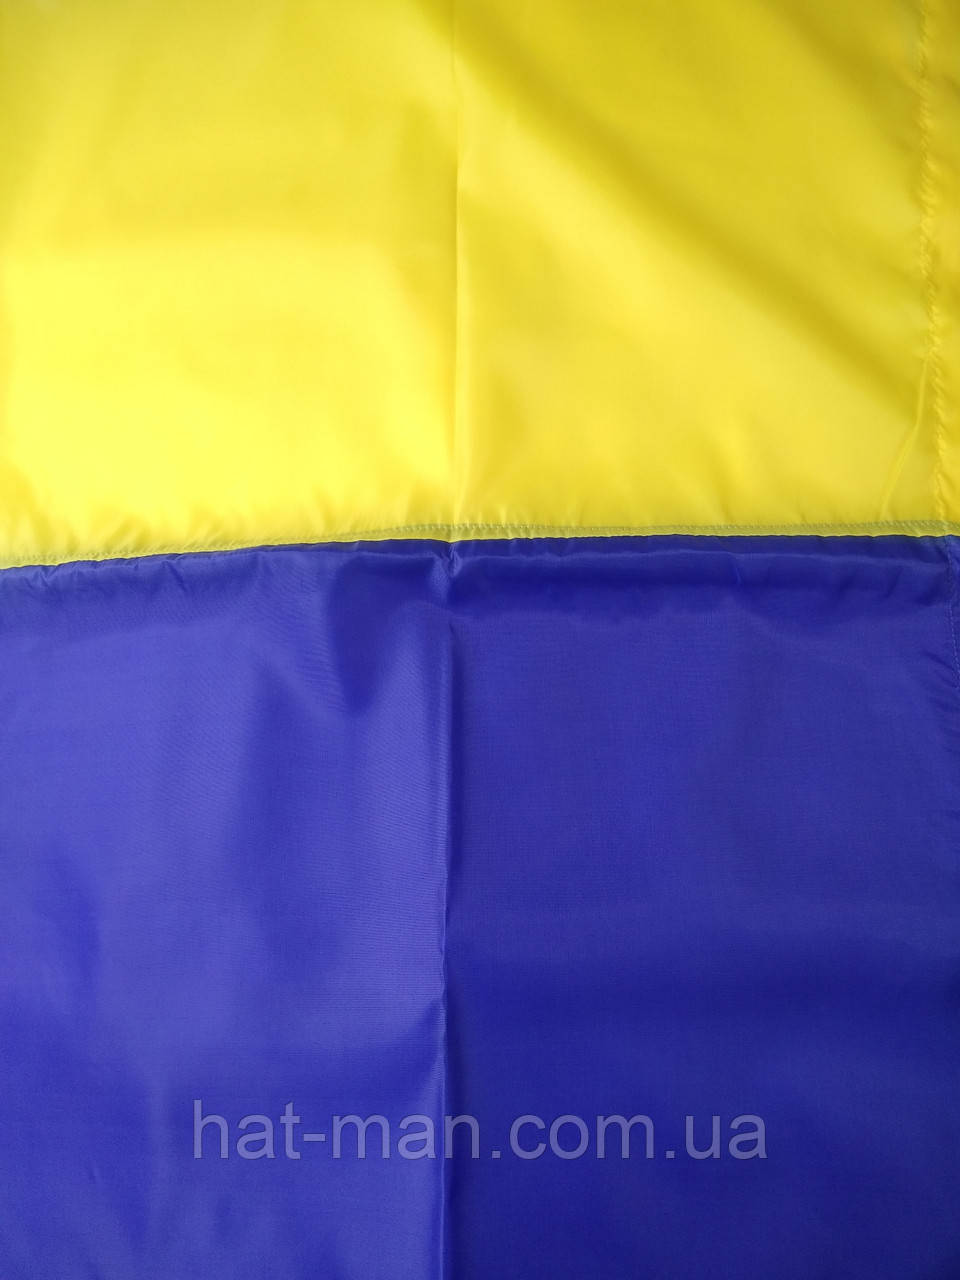 Прапор України великий: 140 на 85см, з креп-сатину